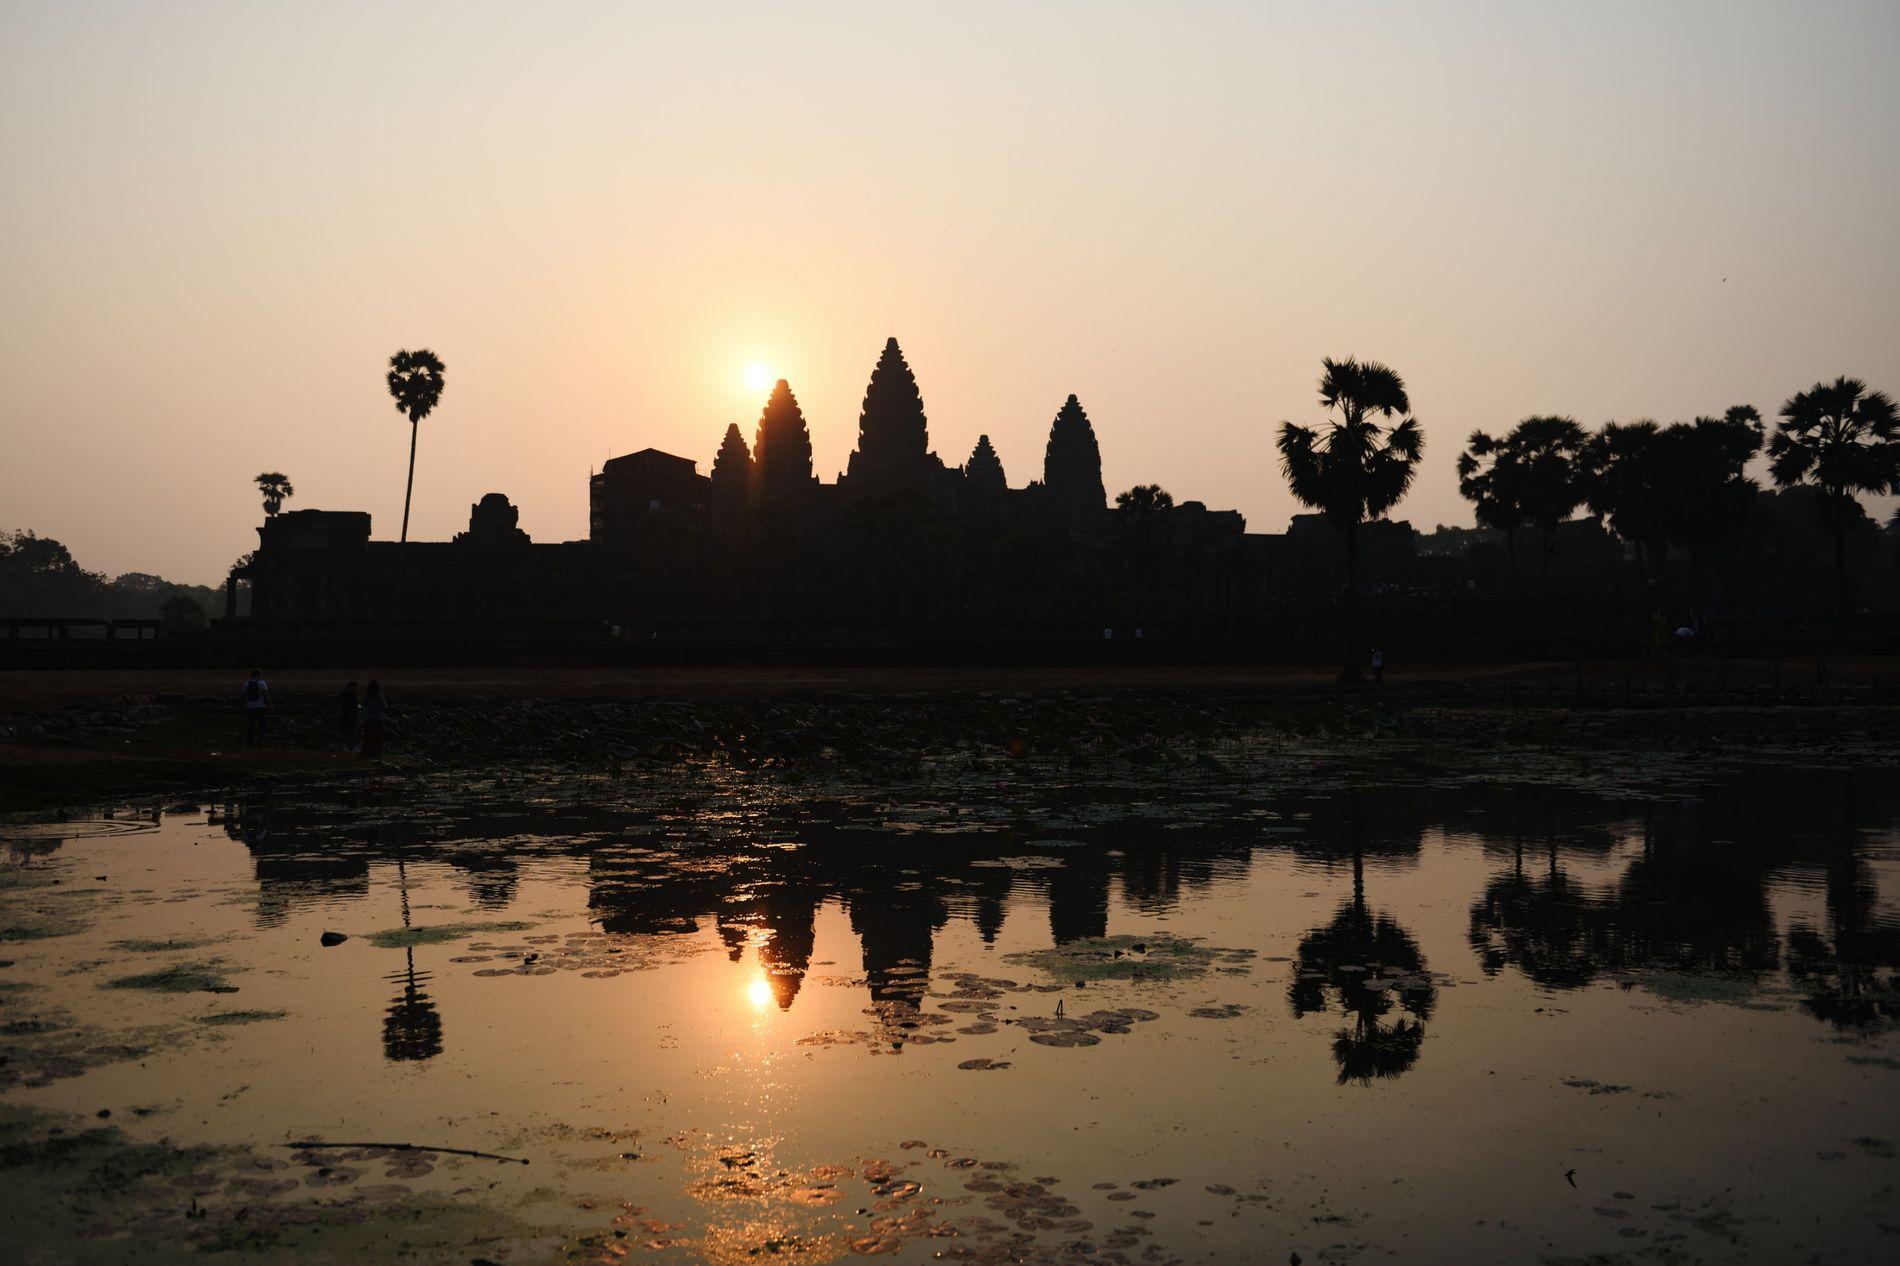 Pour être aux premières loges du lever de soleil sur les cinq tours du temple d'Angkor Vat, et arriver avant le gros de la foule, un seul conseil : s'y rendre à l'ouverture du site, à 5h30.  Et attendre patiemment…